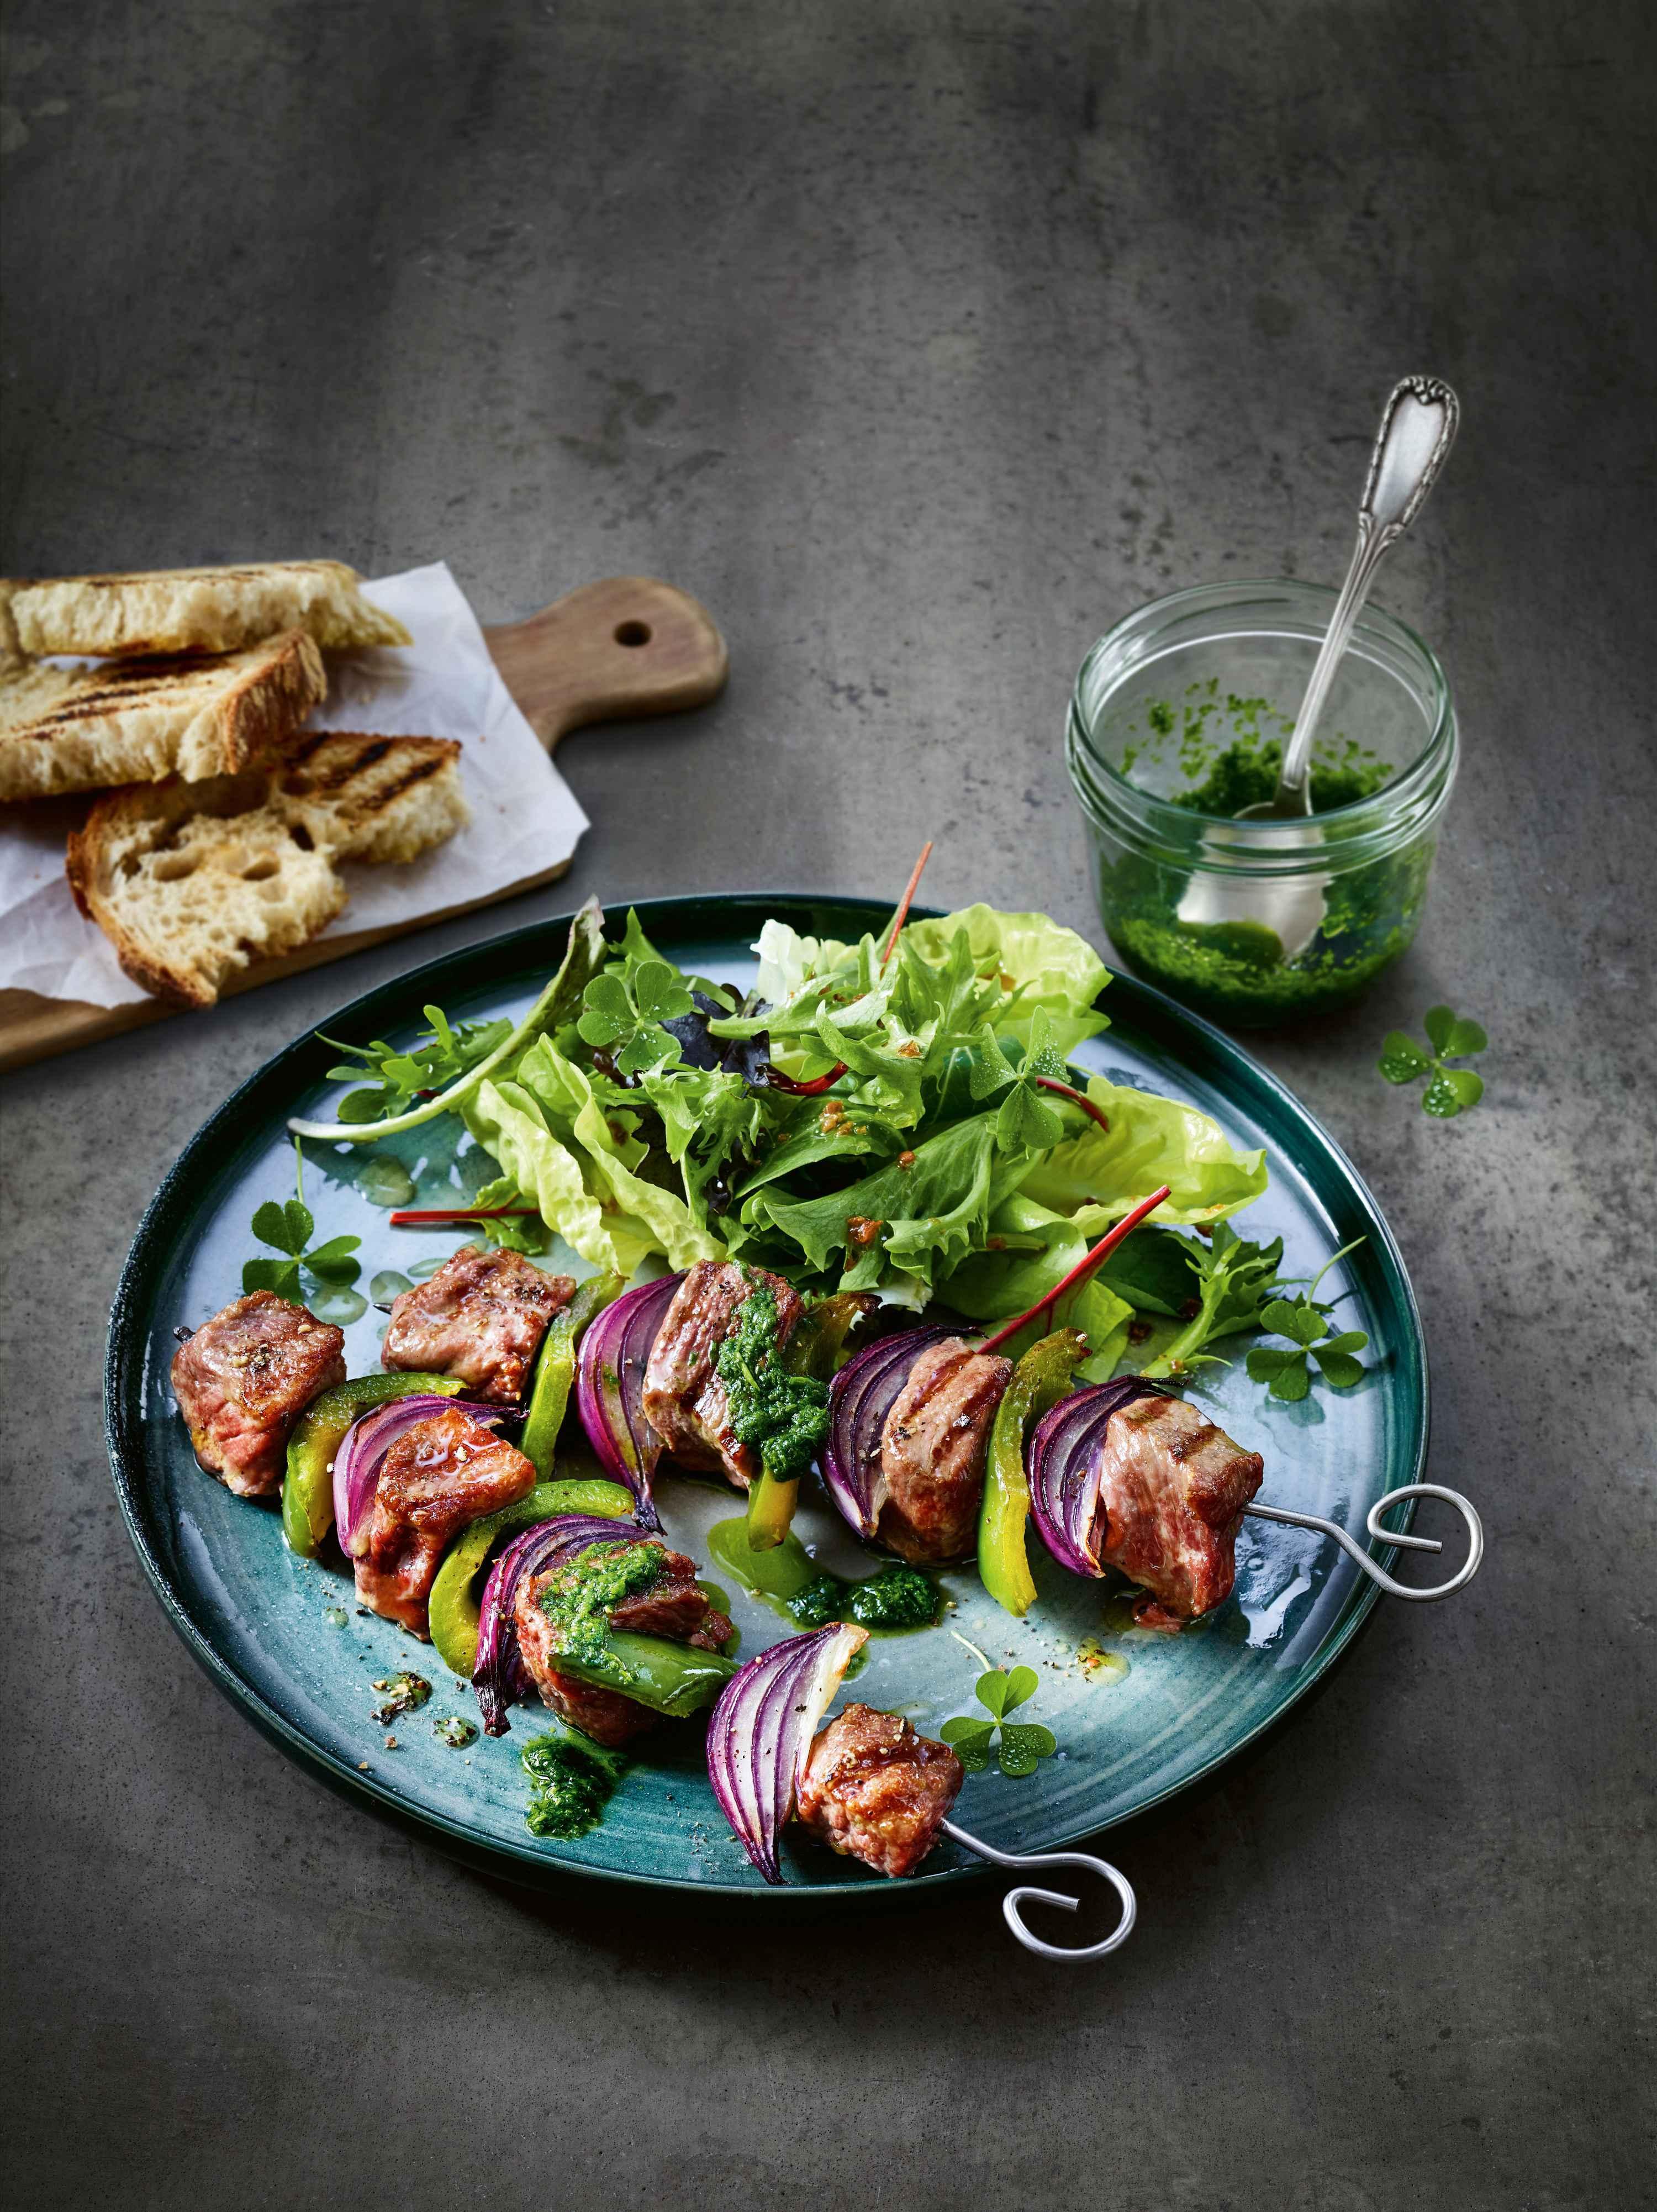 Lamm-Kebab mit Bärlauch-Marinade